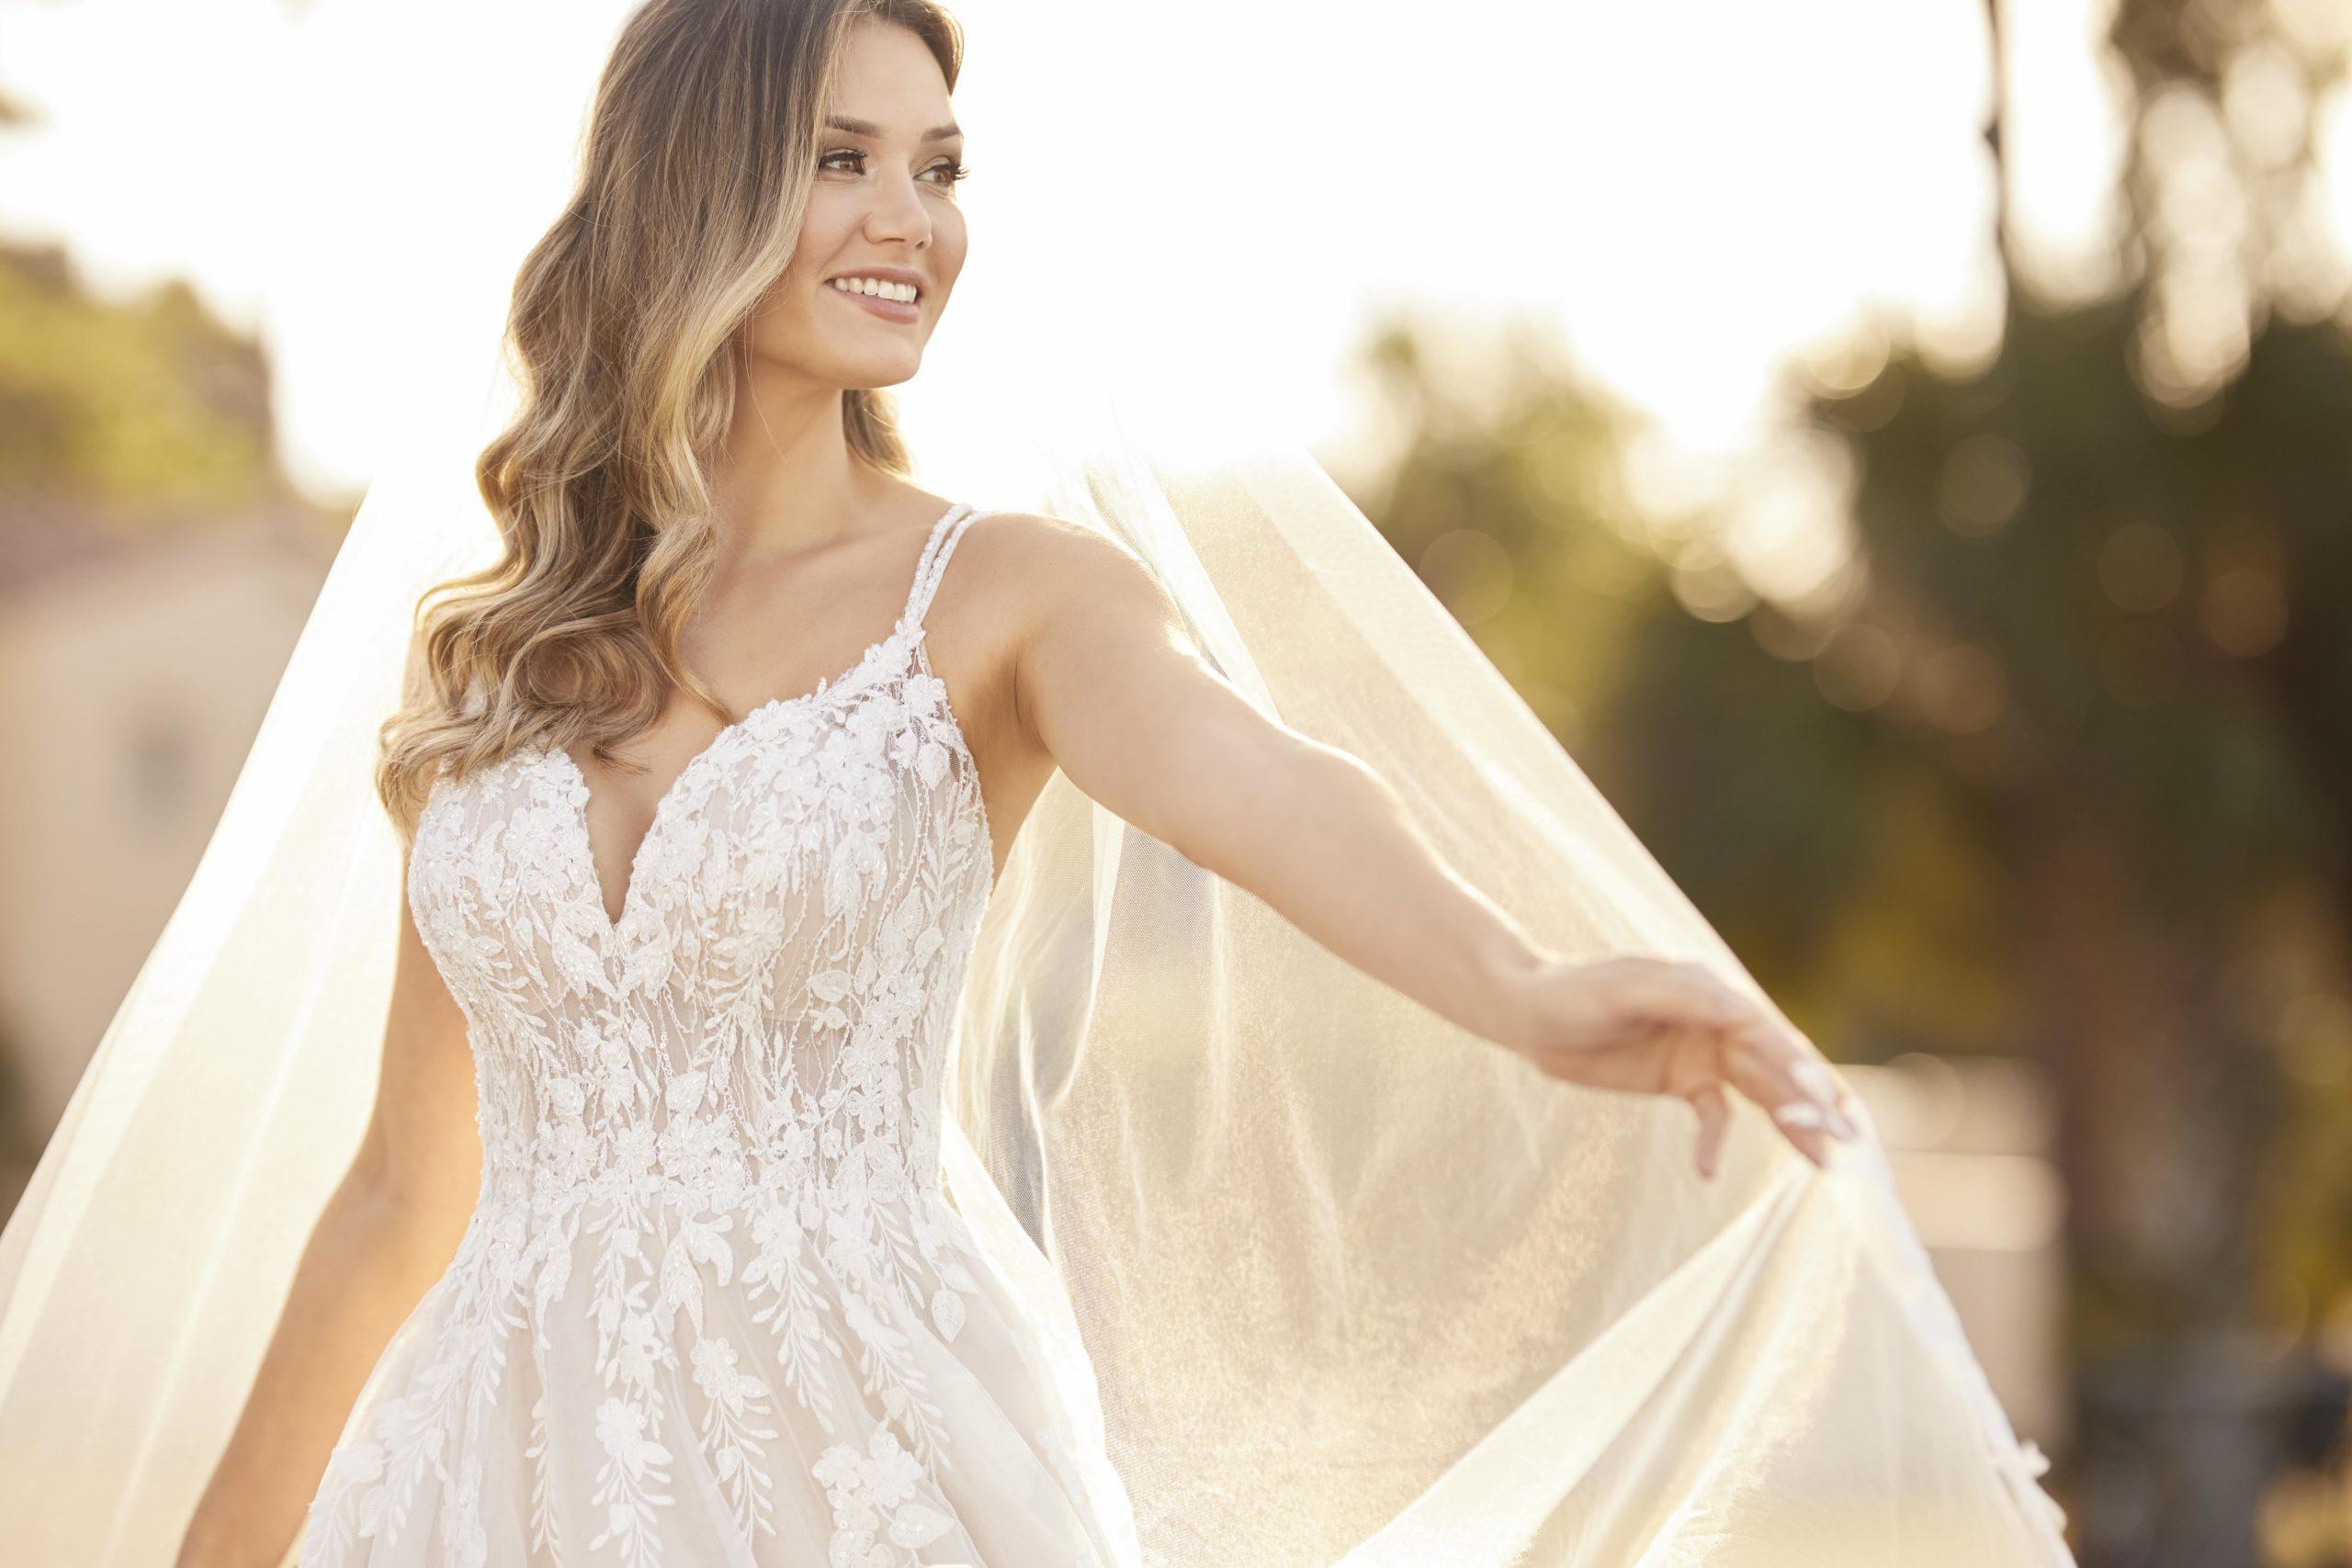 Wedding dresses in Johannesburg